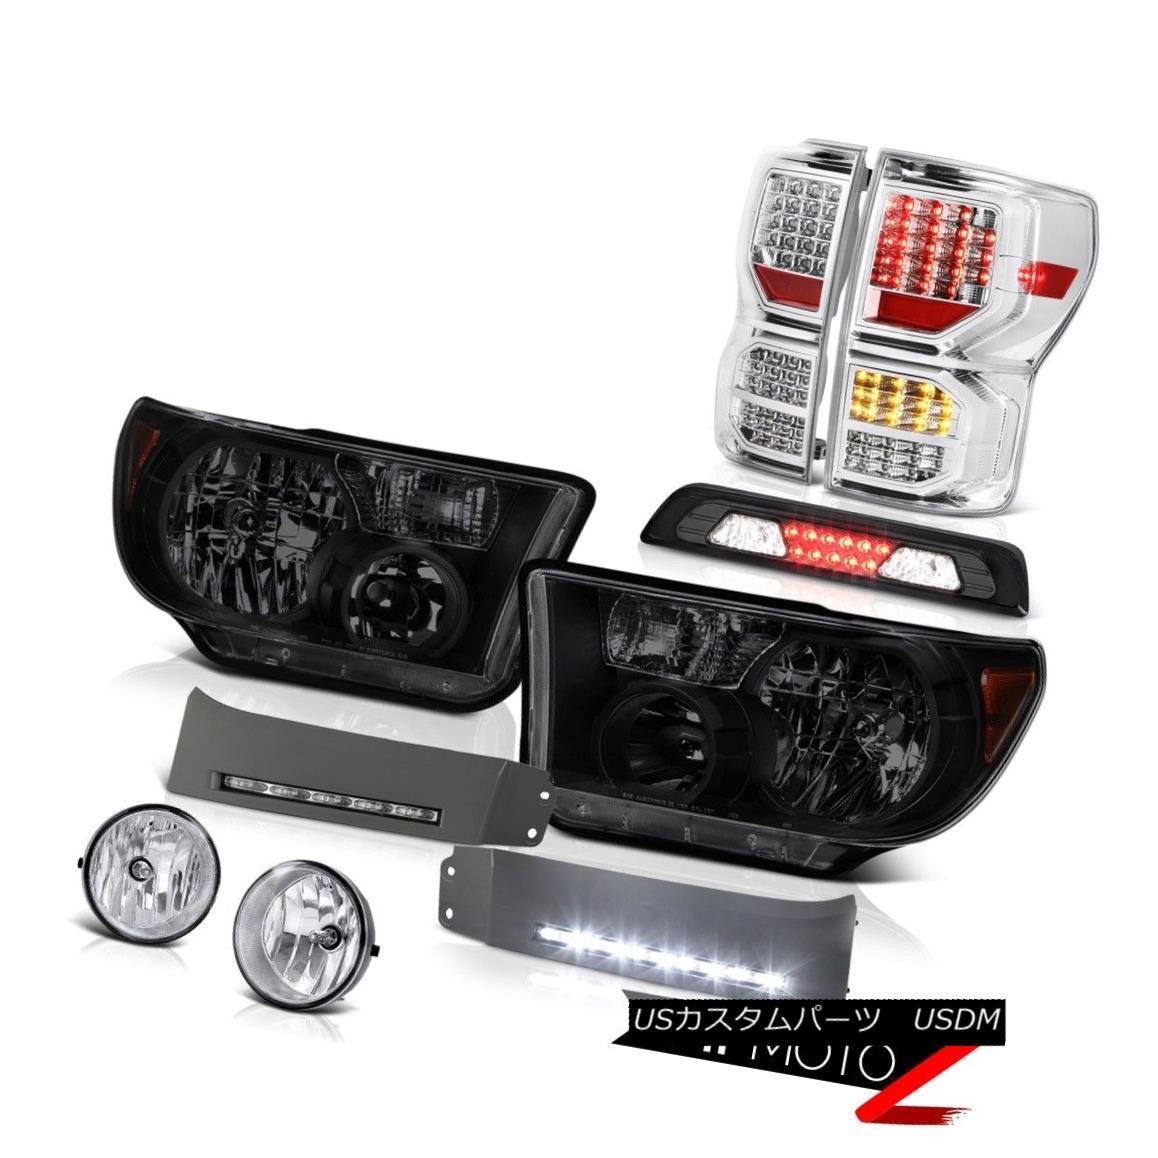 テールライト 2007-2013 Tundra SR5 Tail Lamps Headlamps DRL Strip High Stop Light Fog Lights 2007年?2013年Tundra SR5テールランプヘッドランプDRLストリップハイストップライトフォグライト